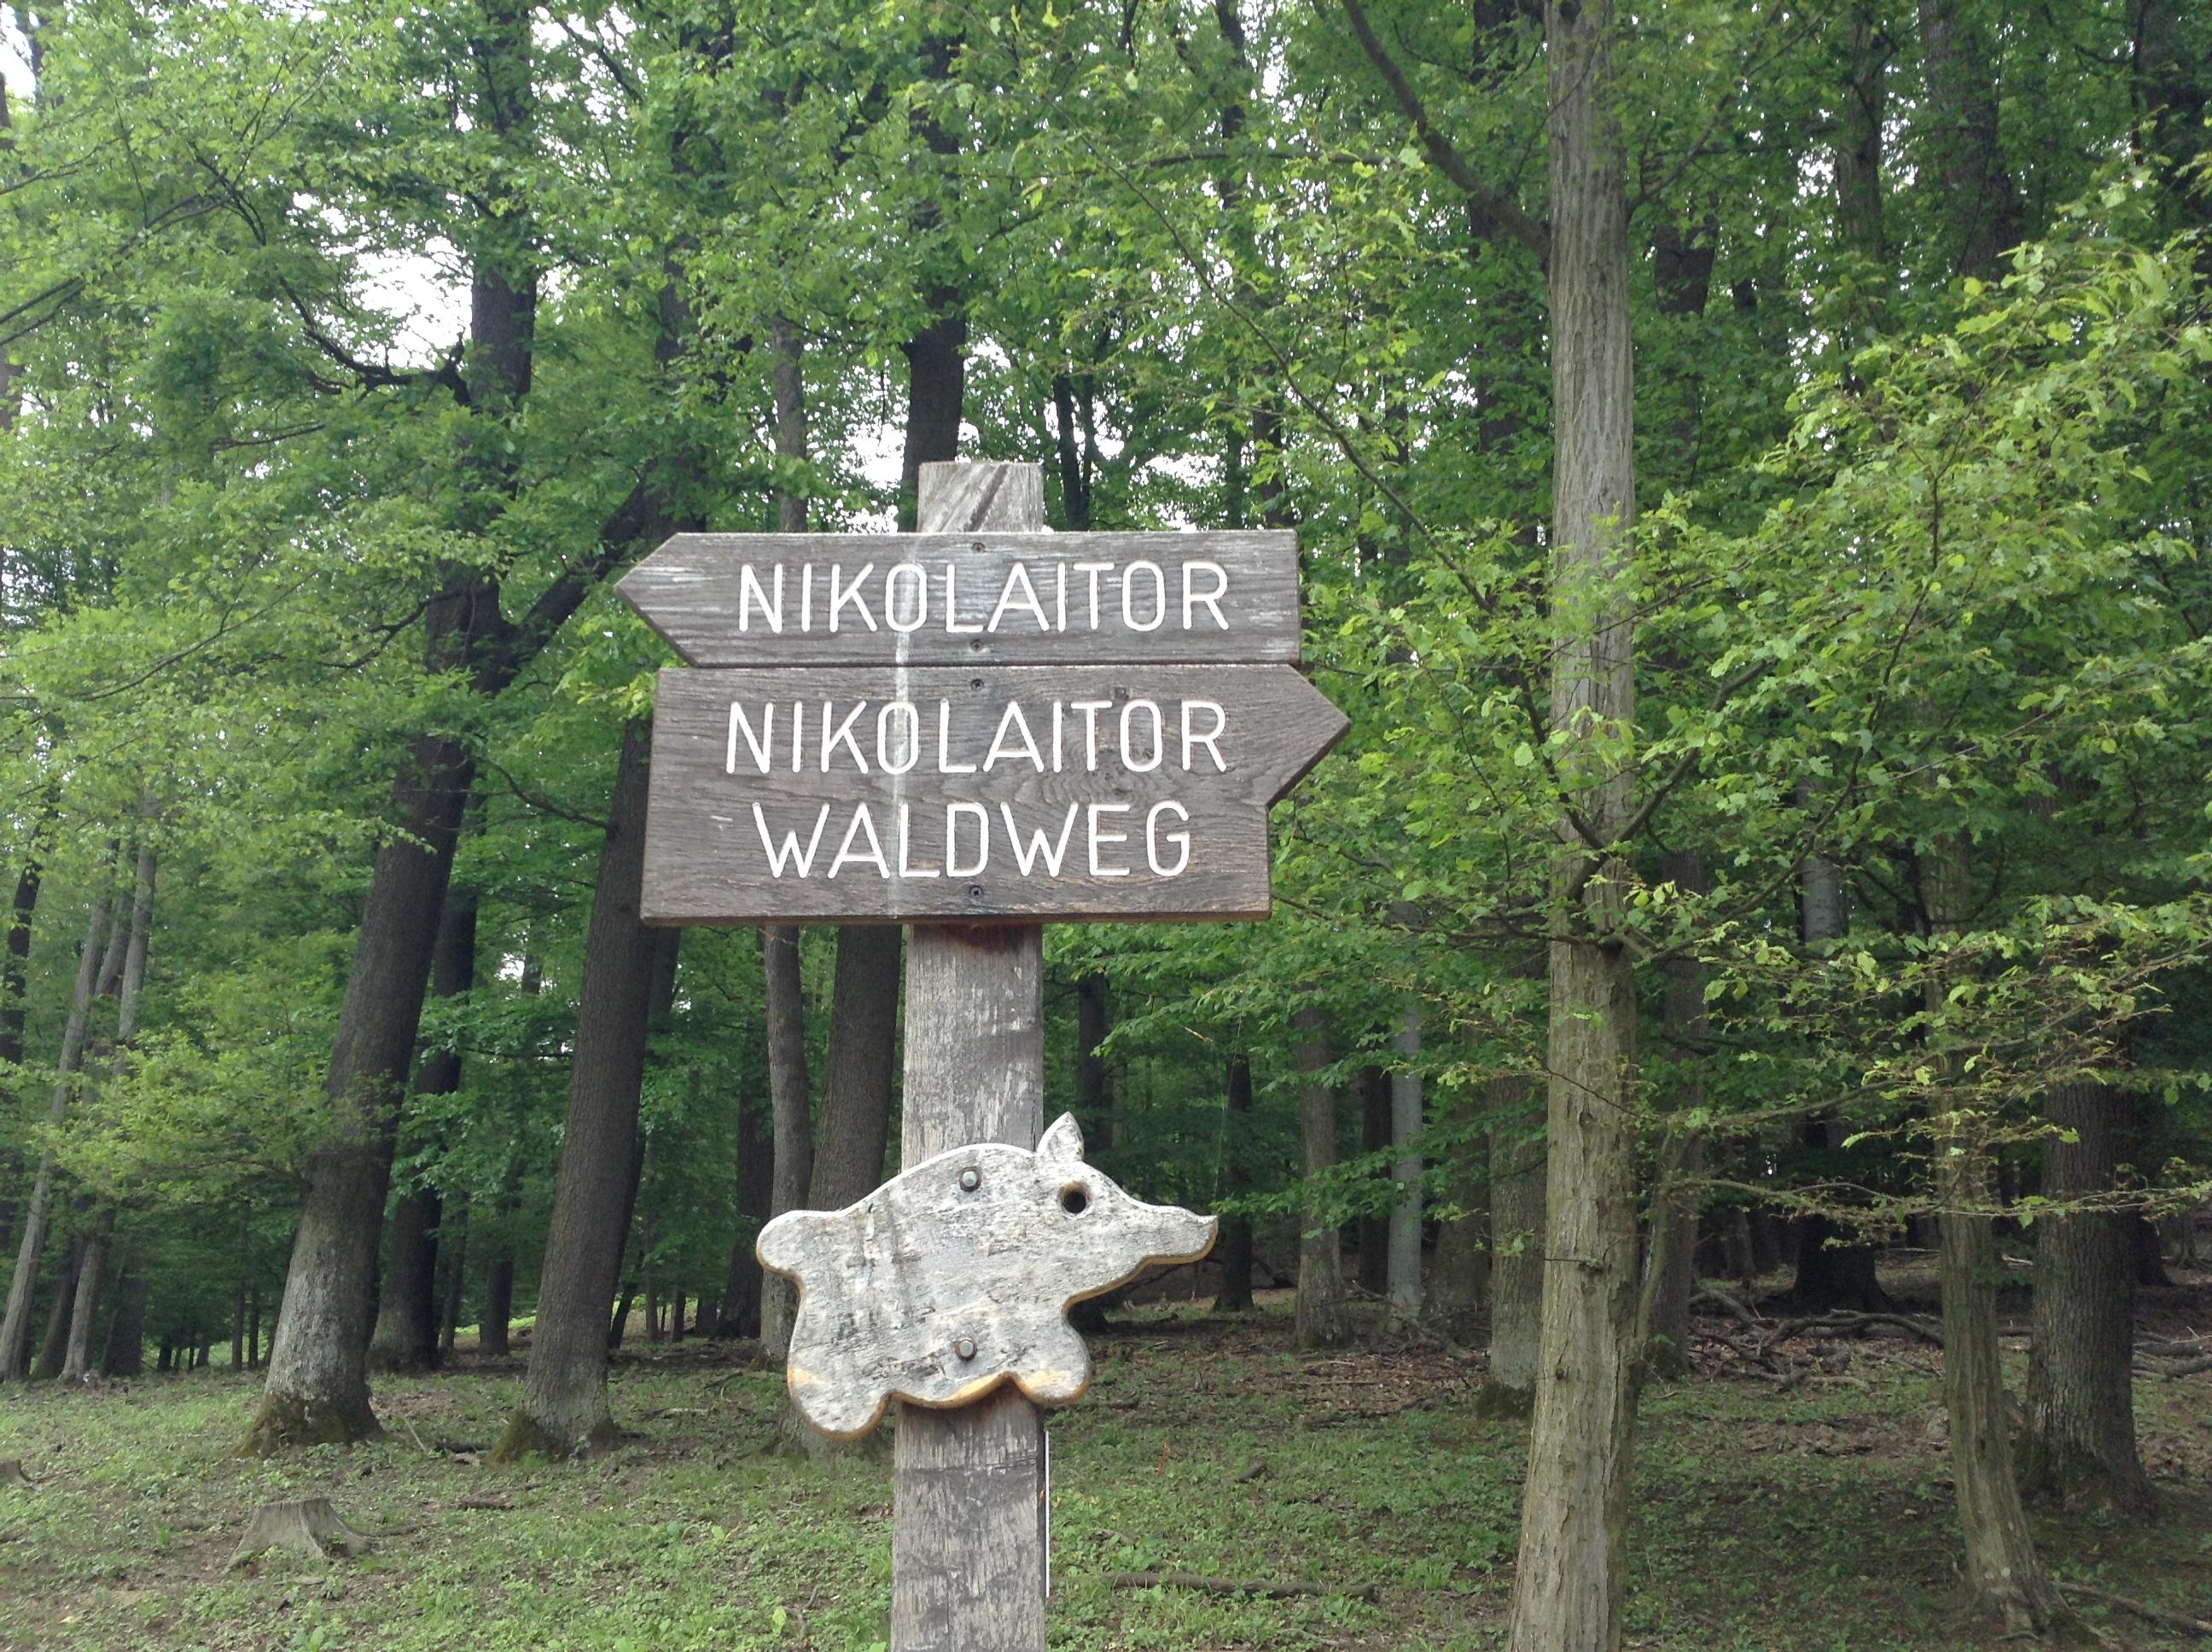 Гуляла в лесу и поимели